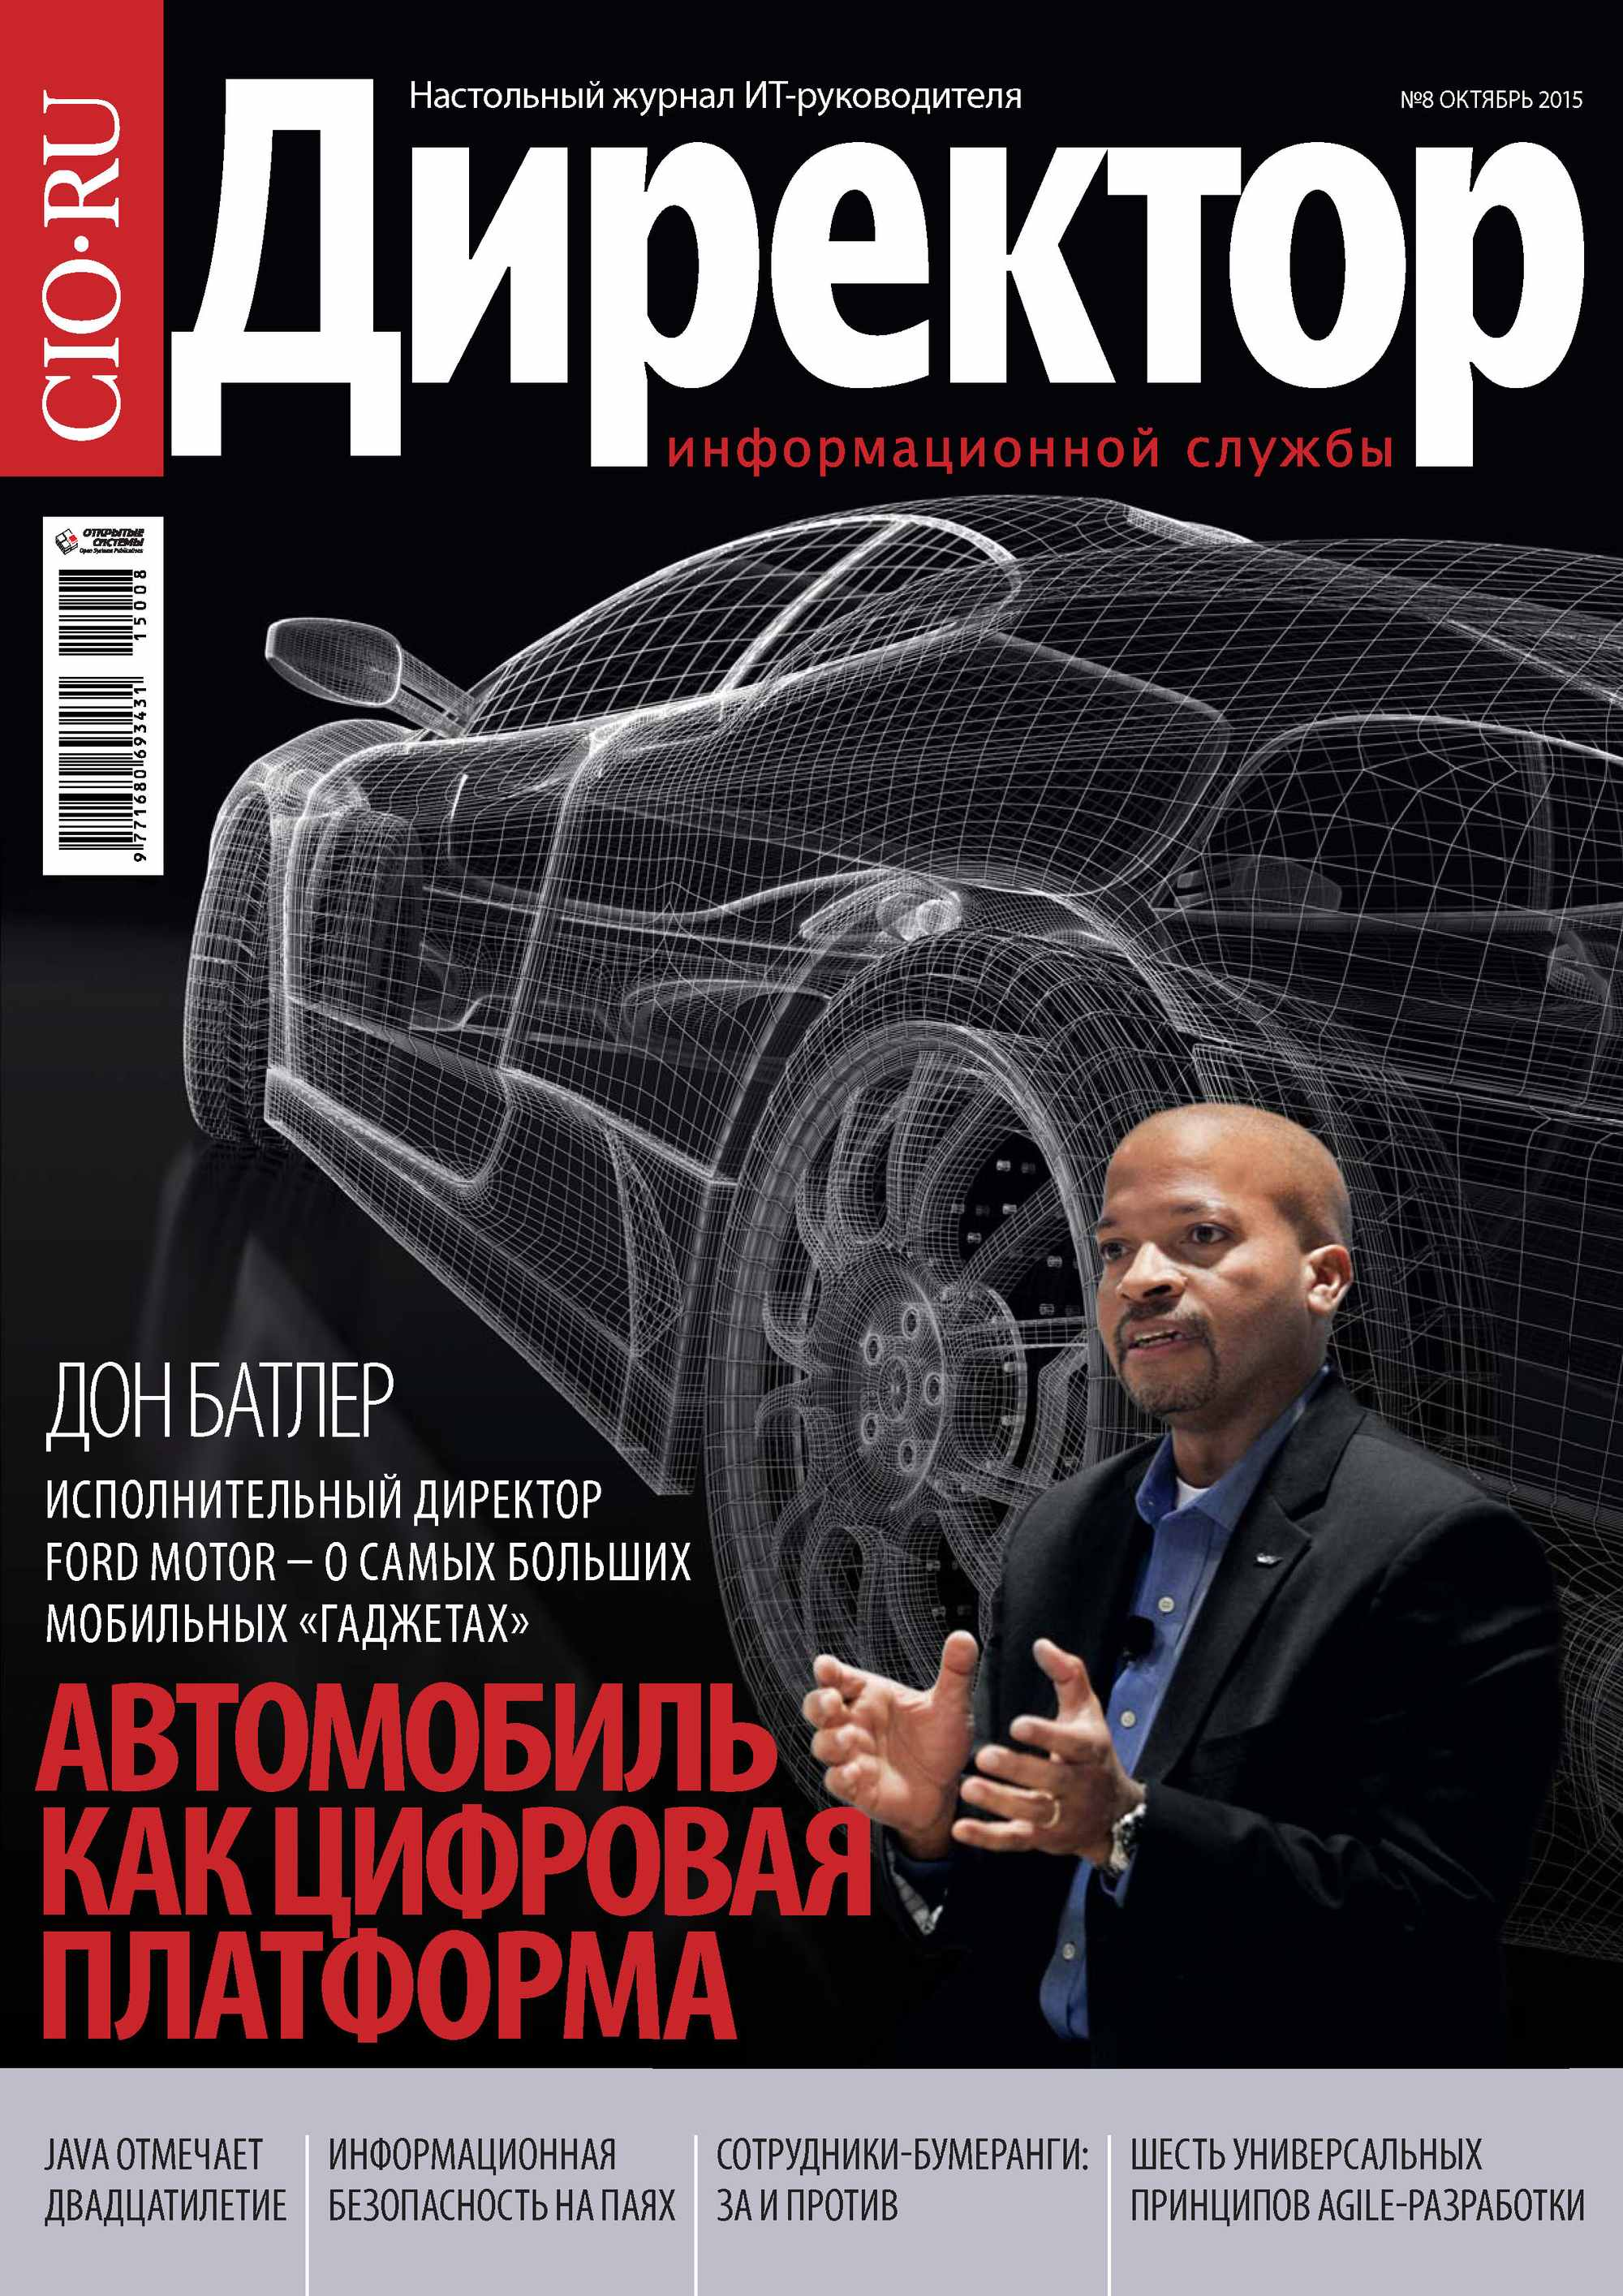 Открытые системы Директор информационной службы №08/2015